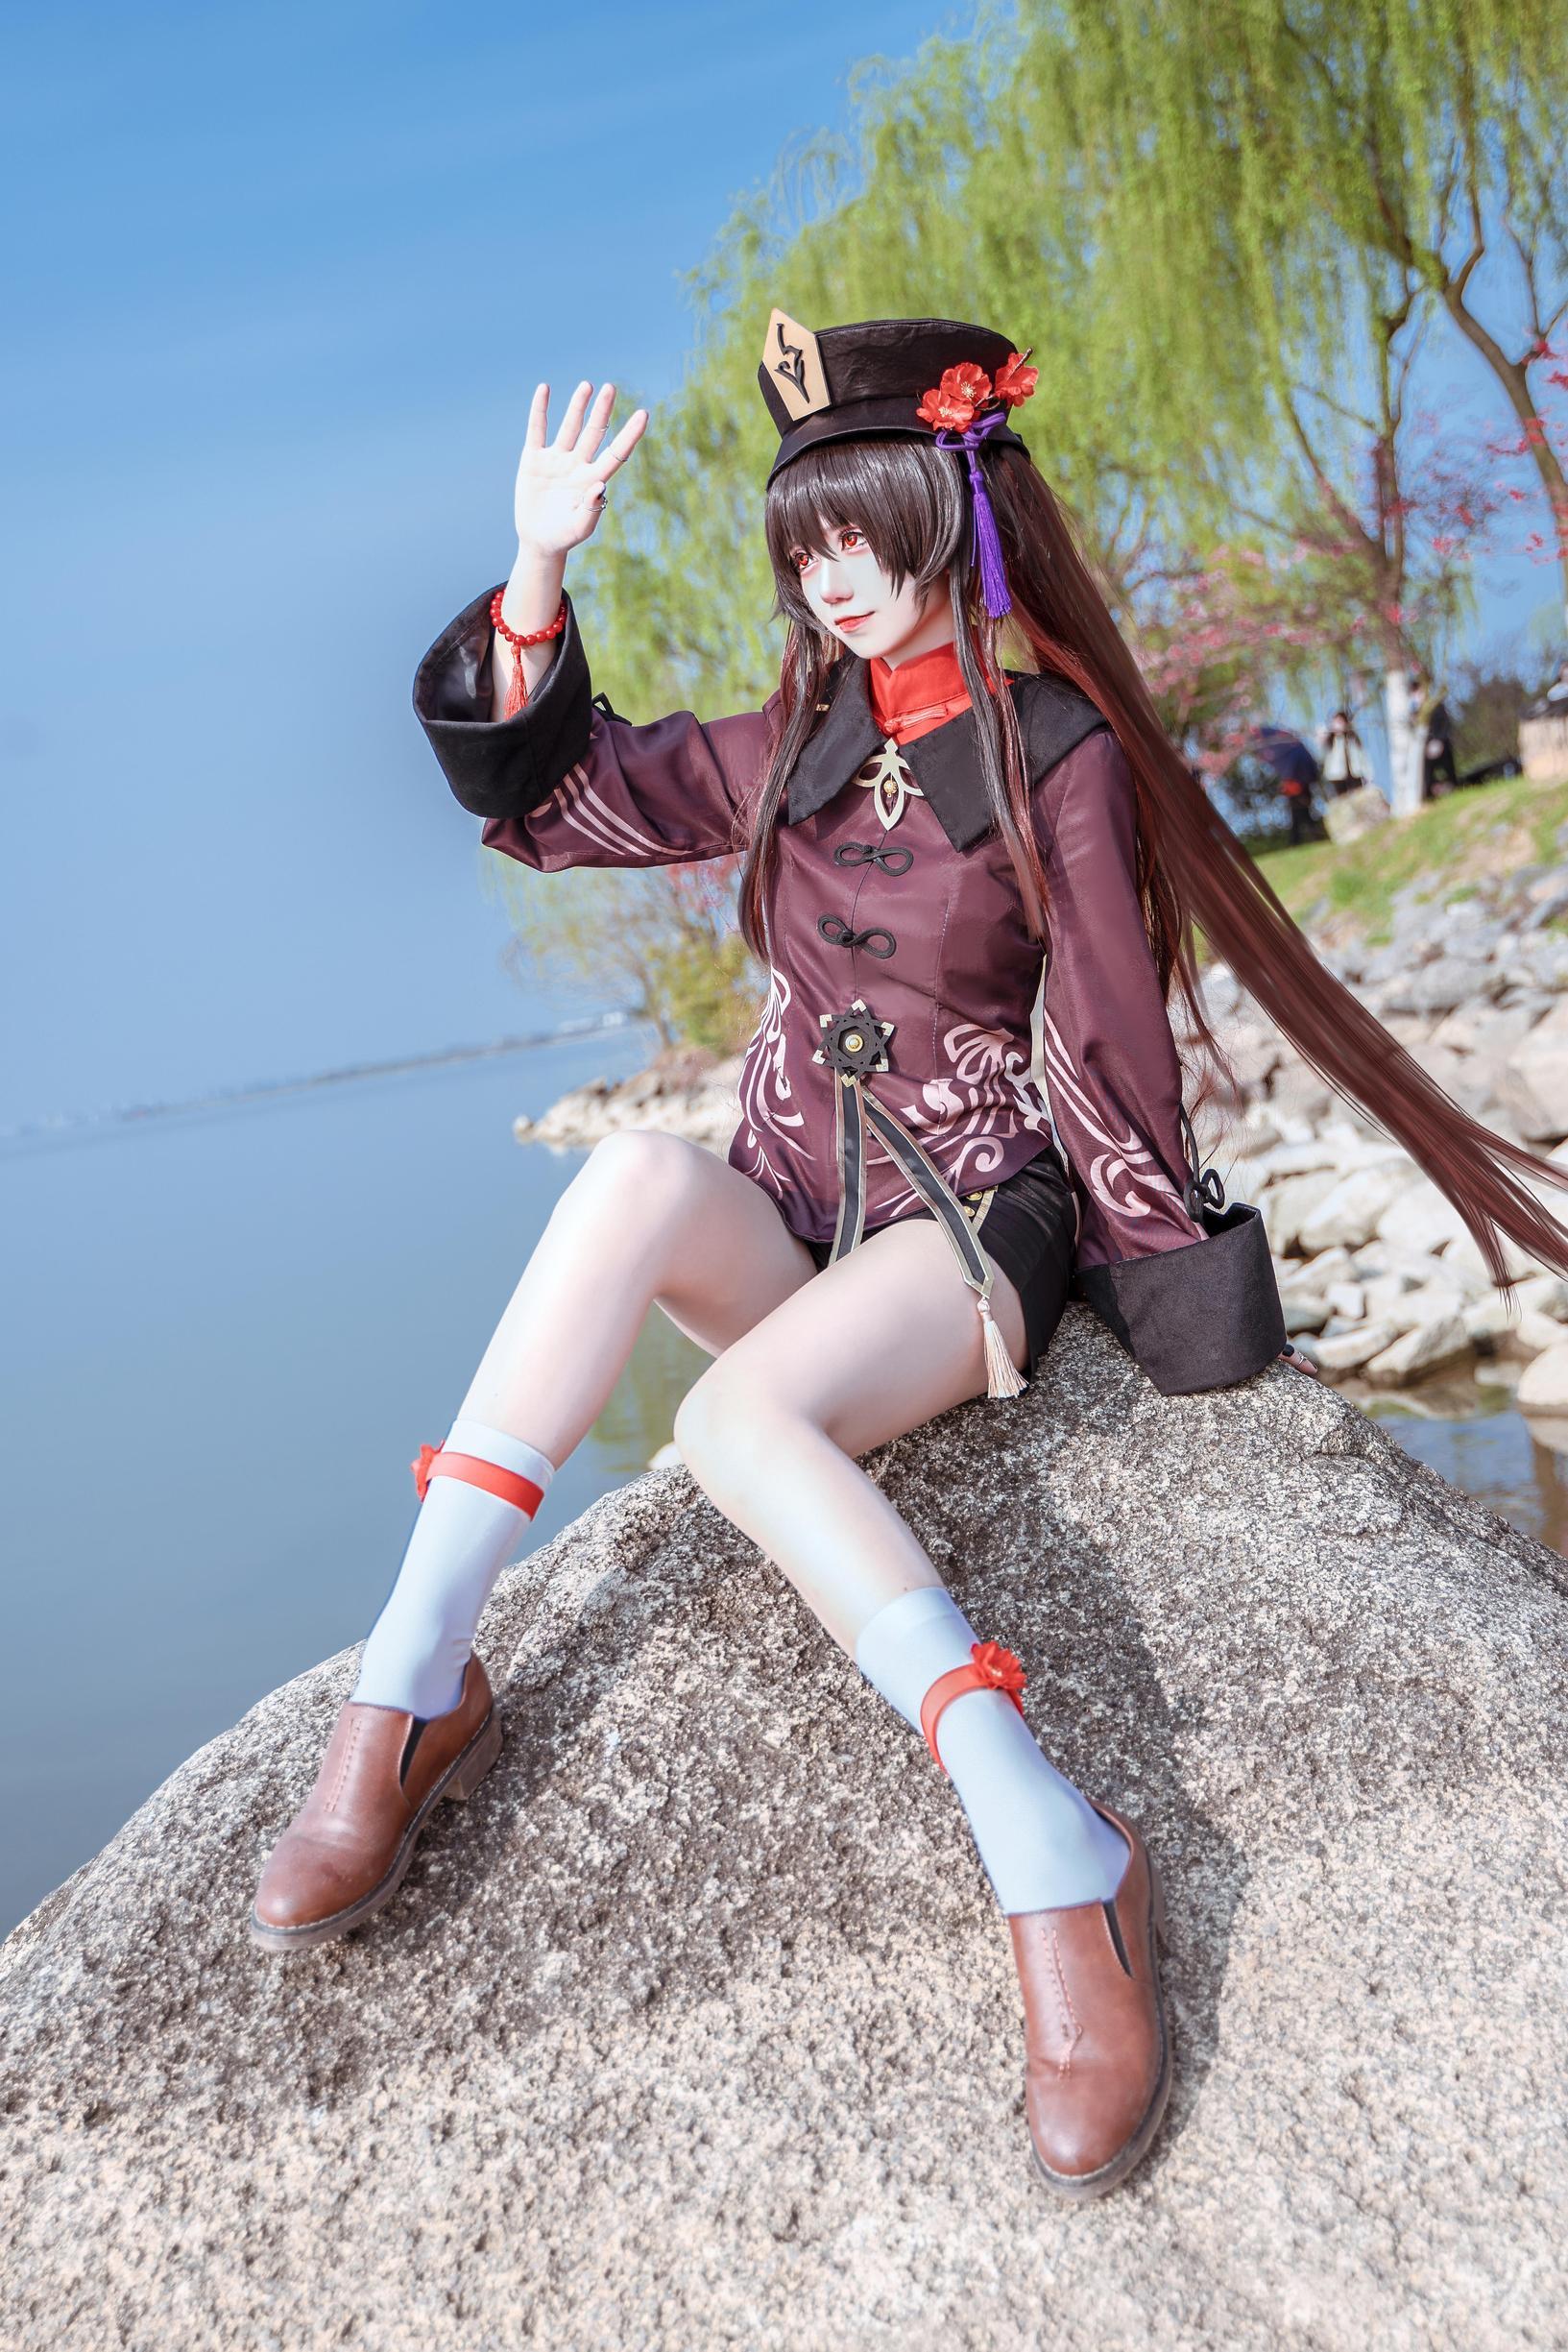 《原神》正片cosplay【CN:南千鲤Akirui】-第2张